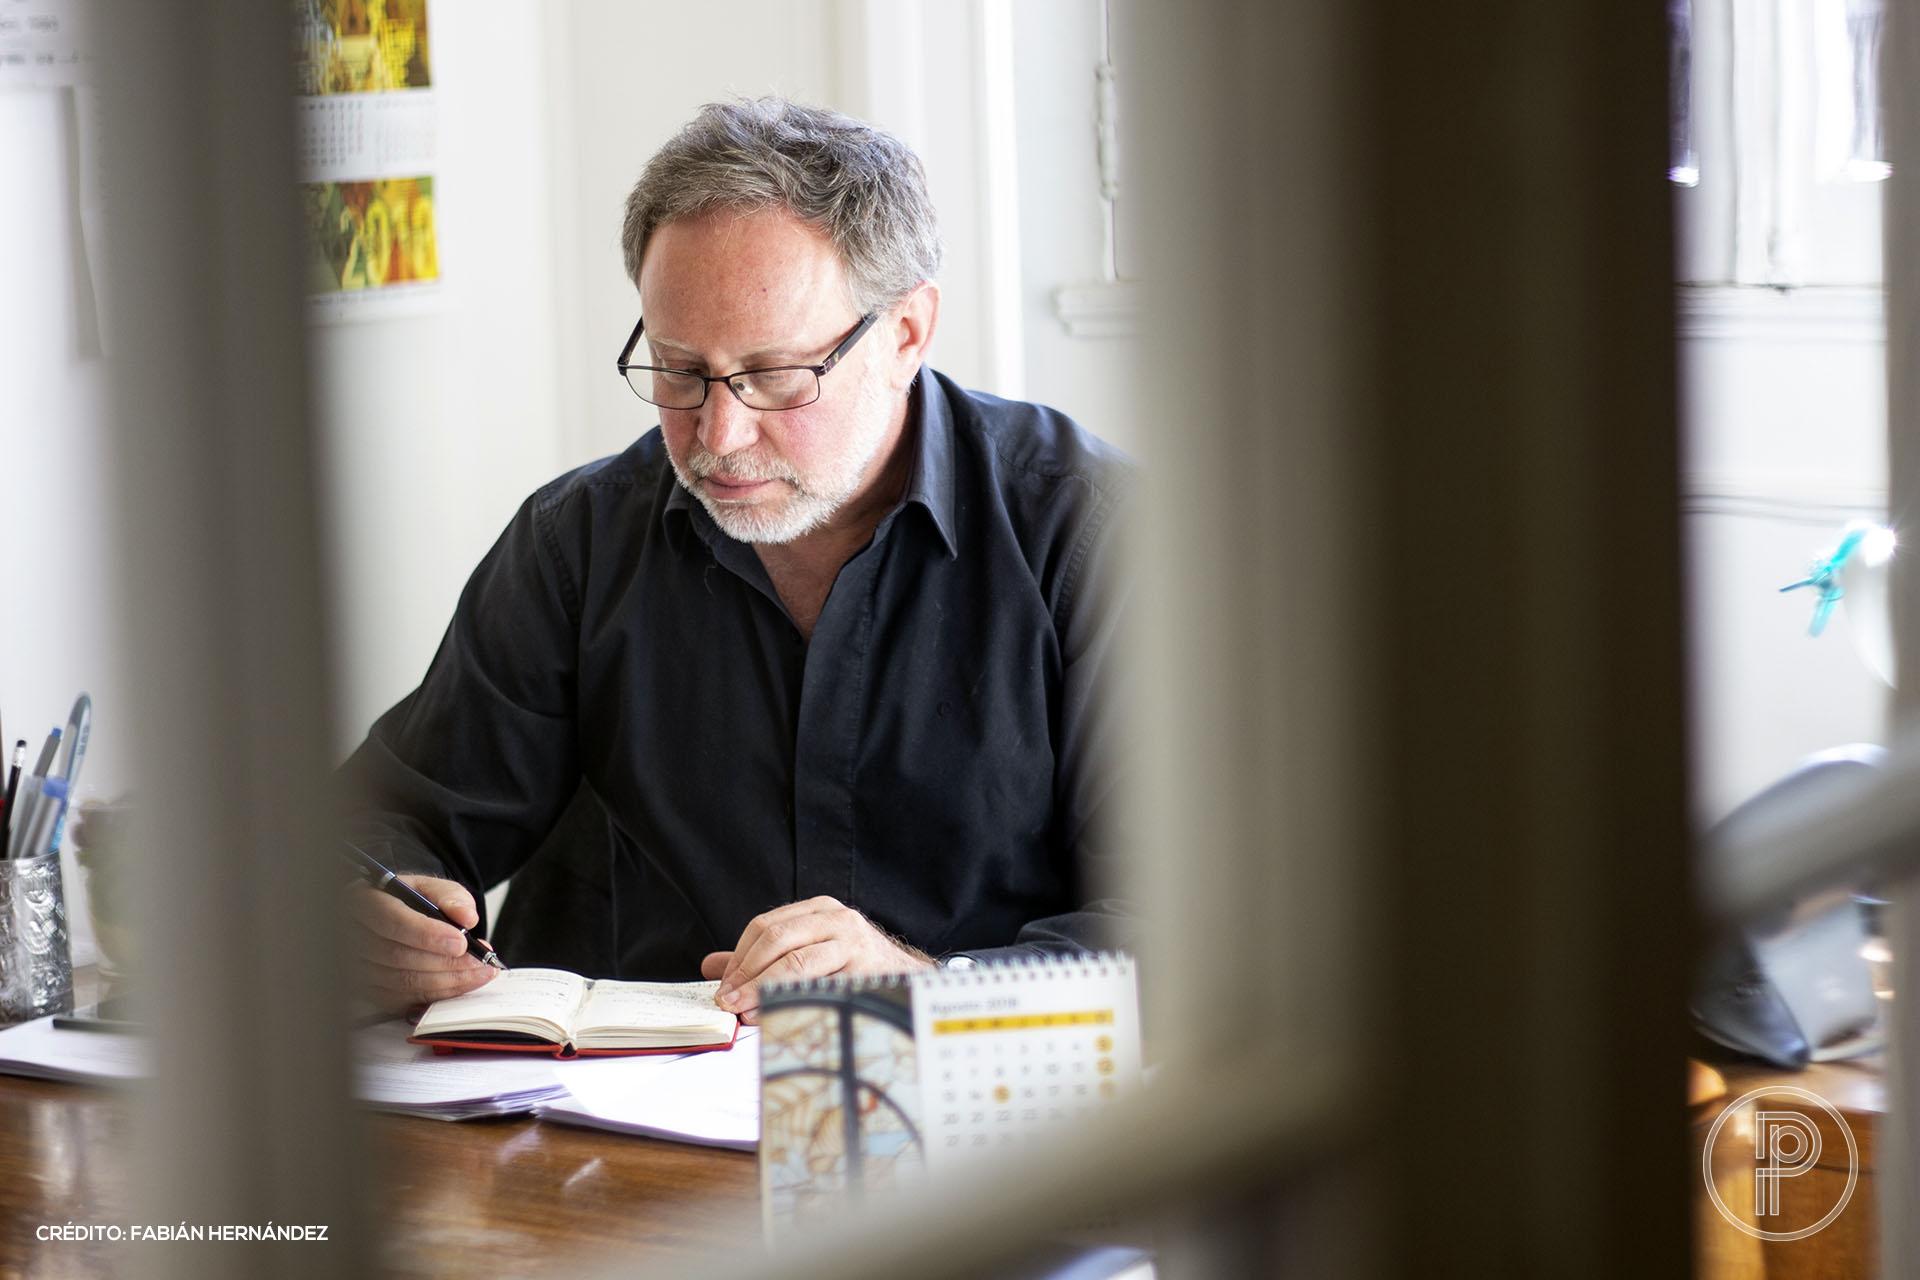 Roberto Herrscher, director de la Escuela de Periodismo de la Universidad Alberto Hurtado. Foto: Fabián Hernández